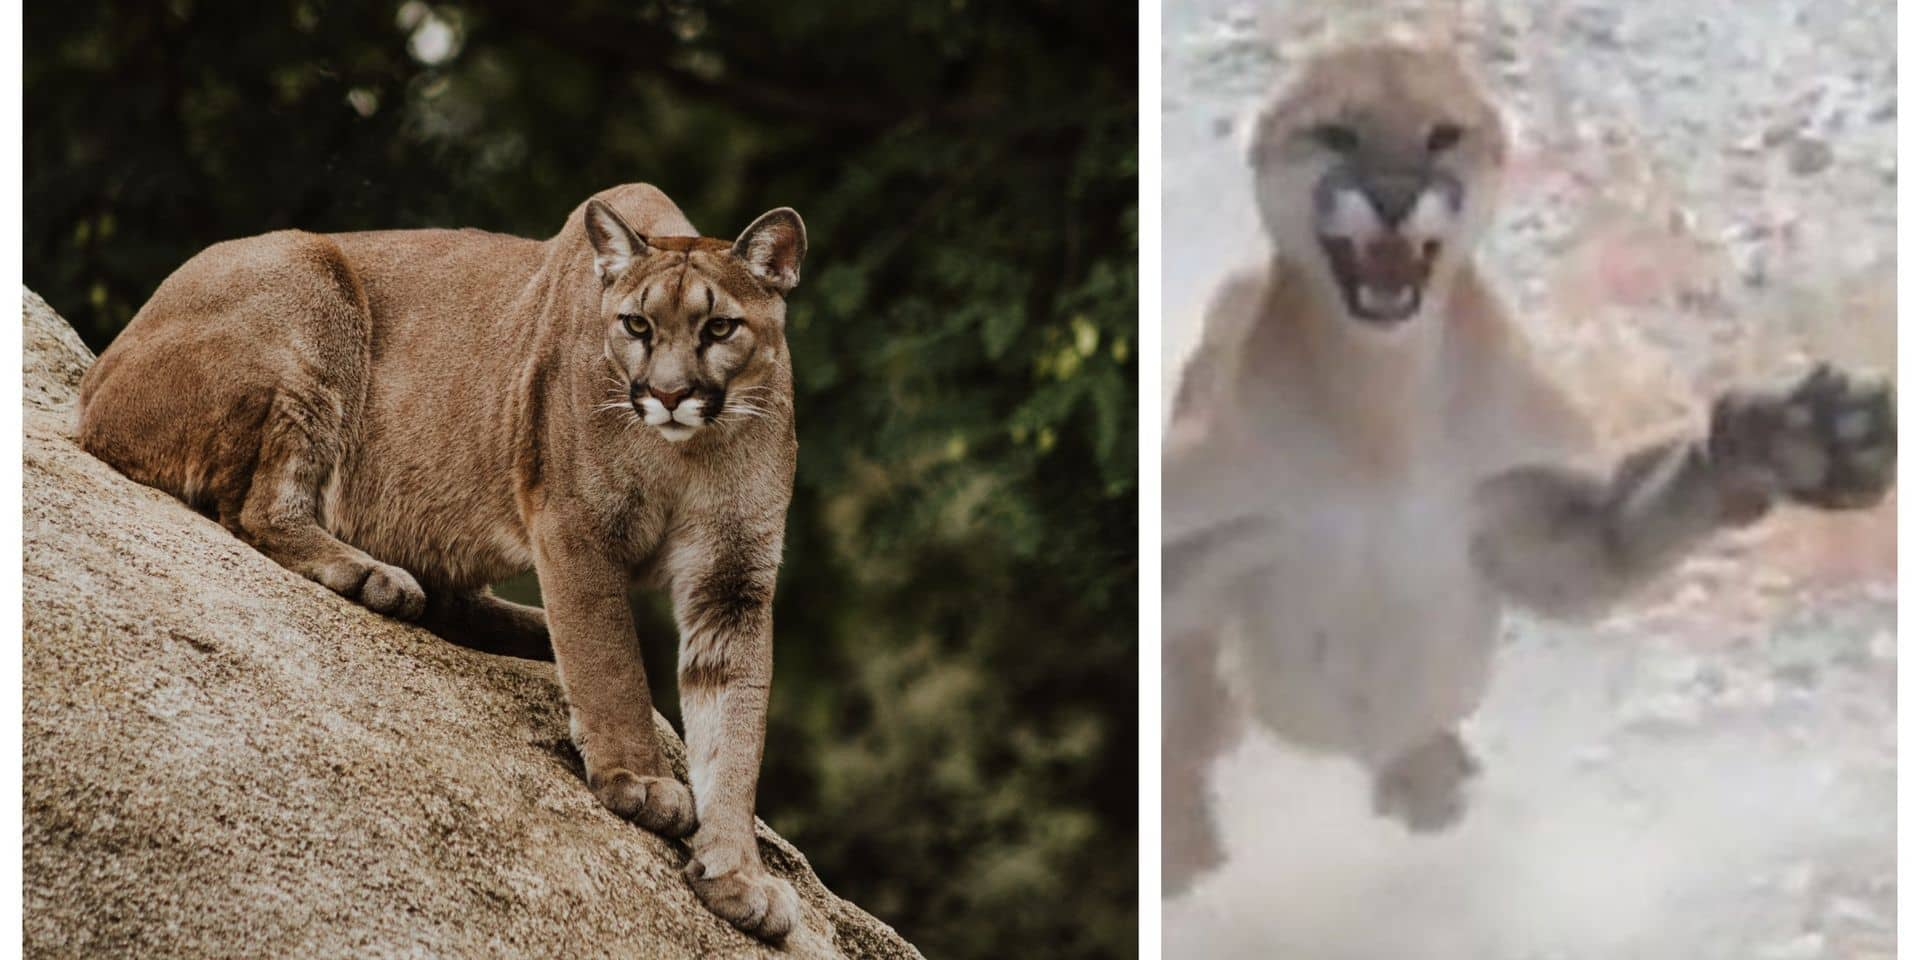 Cette vidéo montre-t-elle vraiment une attaque de puma ?